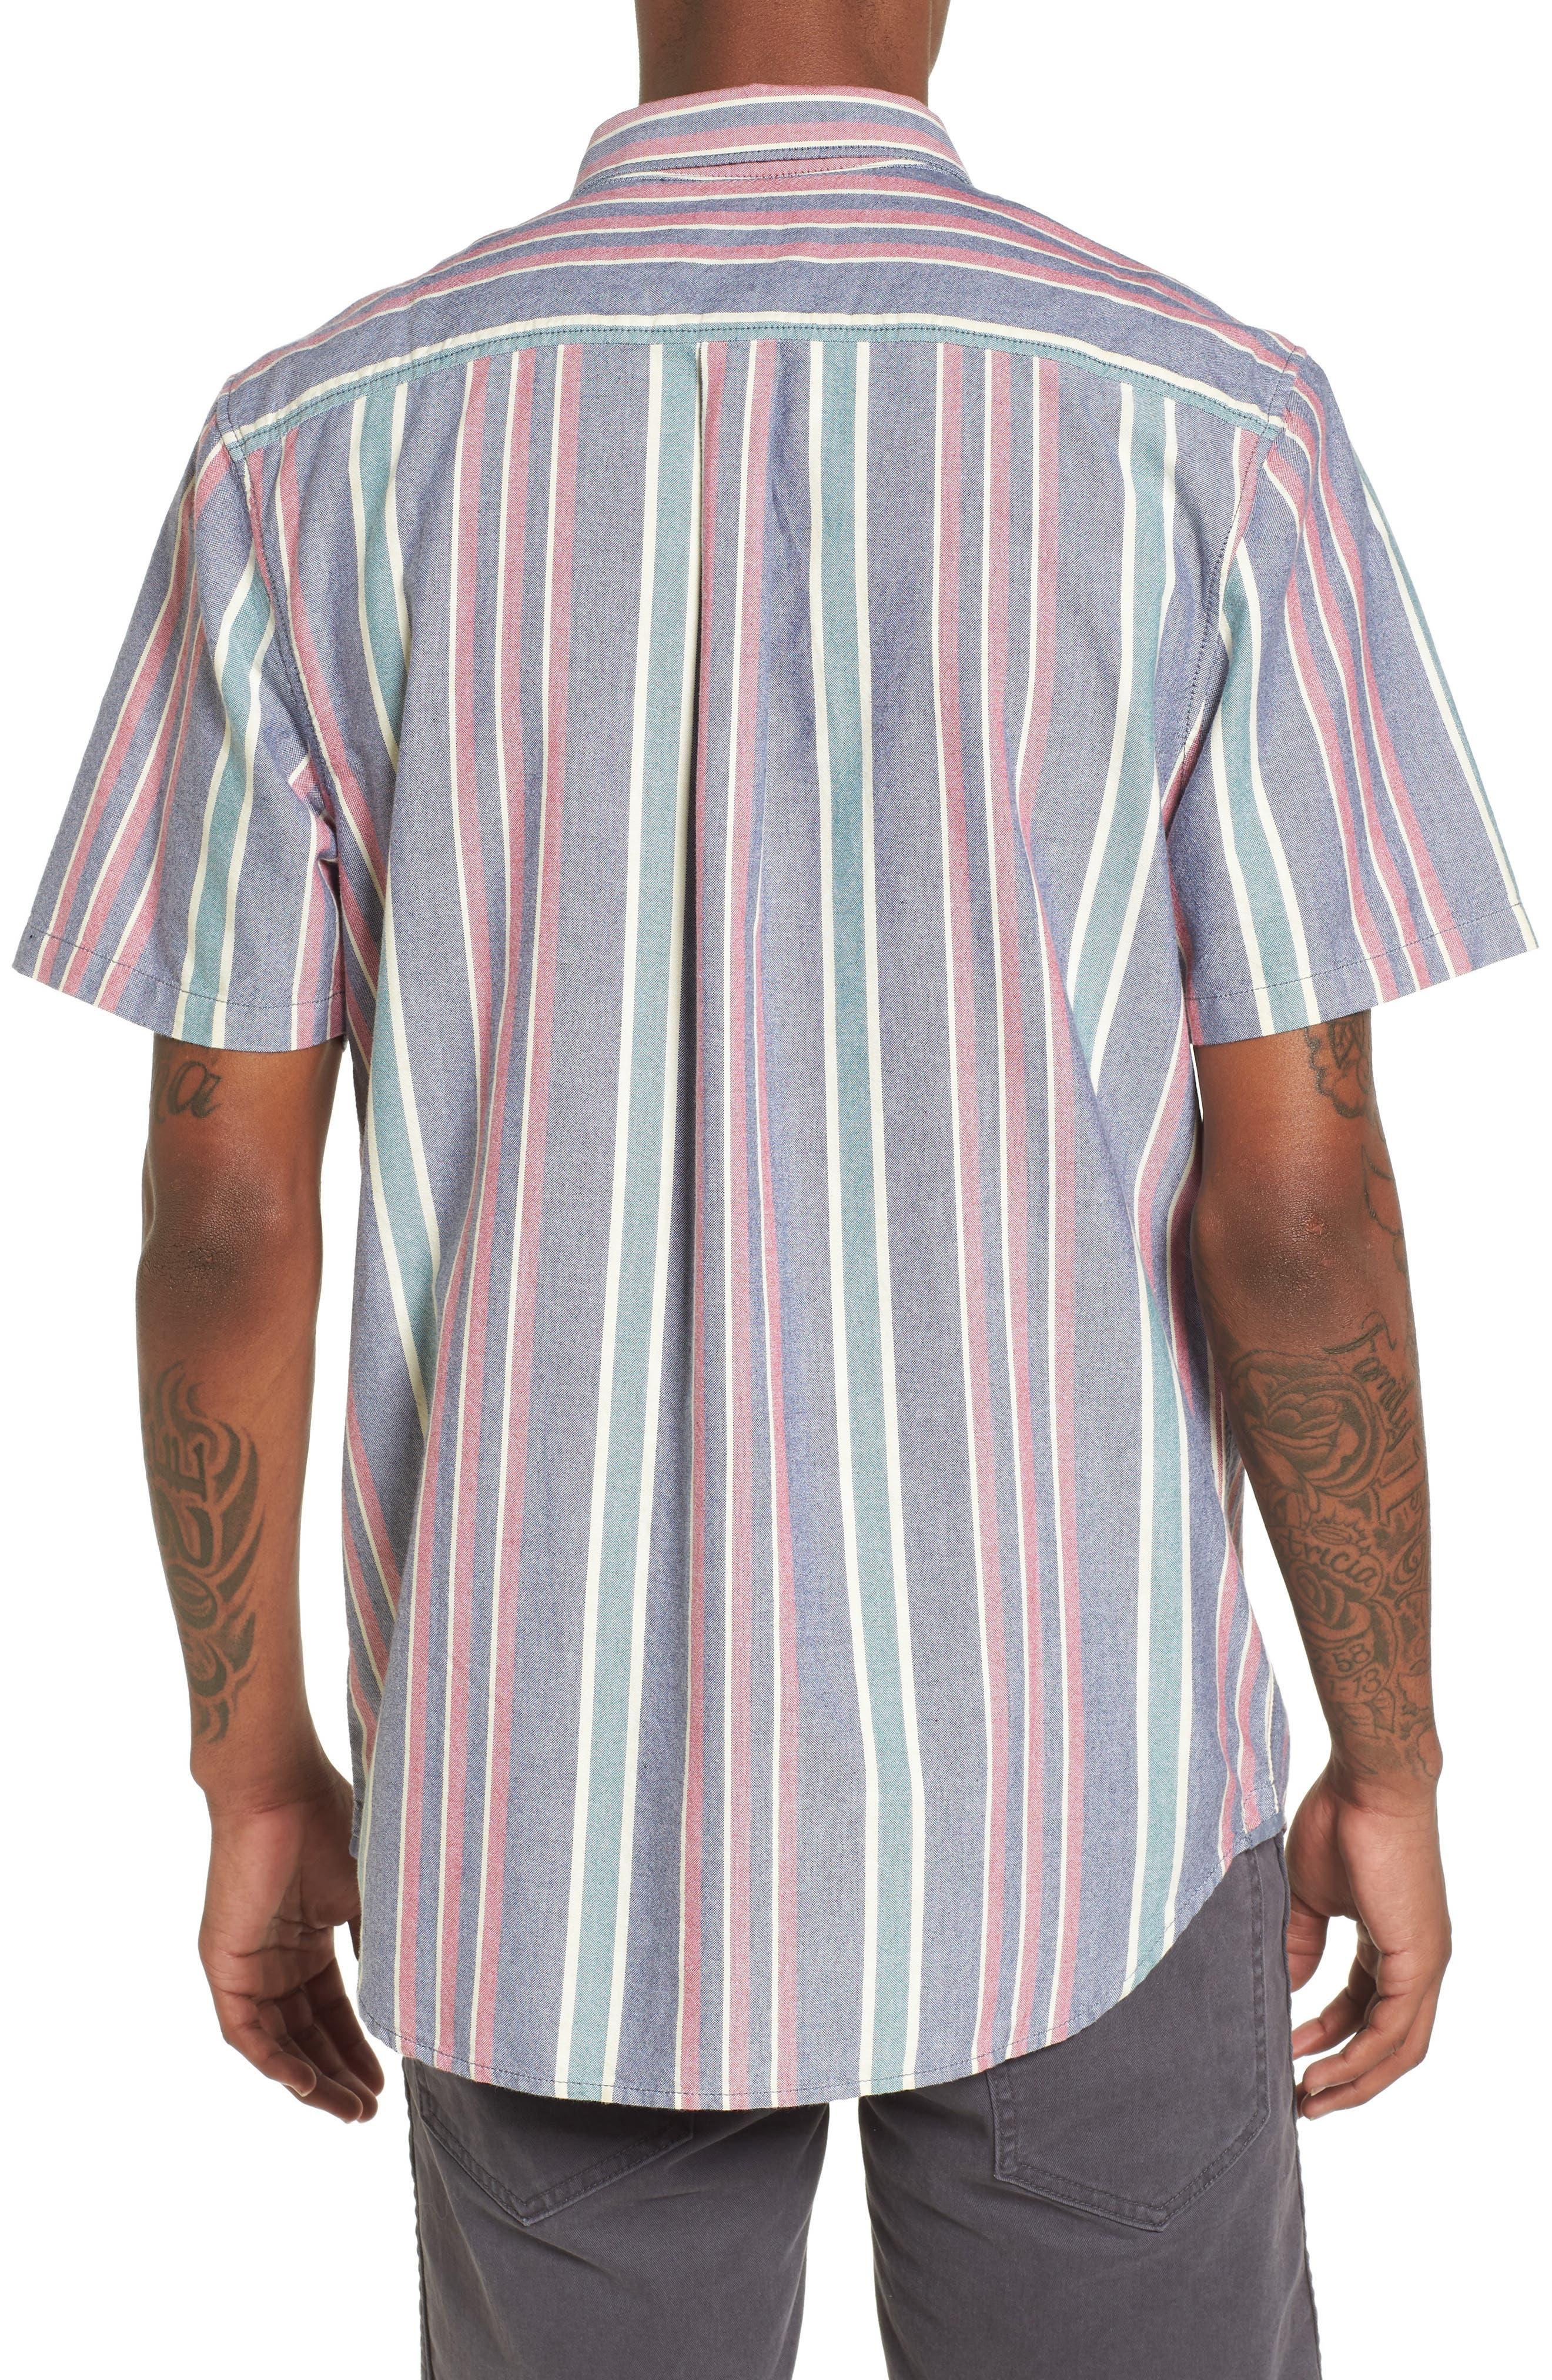 Houser Short Sleeve Shirt,                             Alternate thumbnail 2, color,                             DRESS BLUES/ EVERGREEN